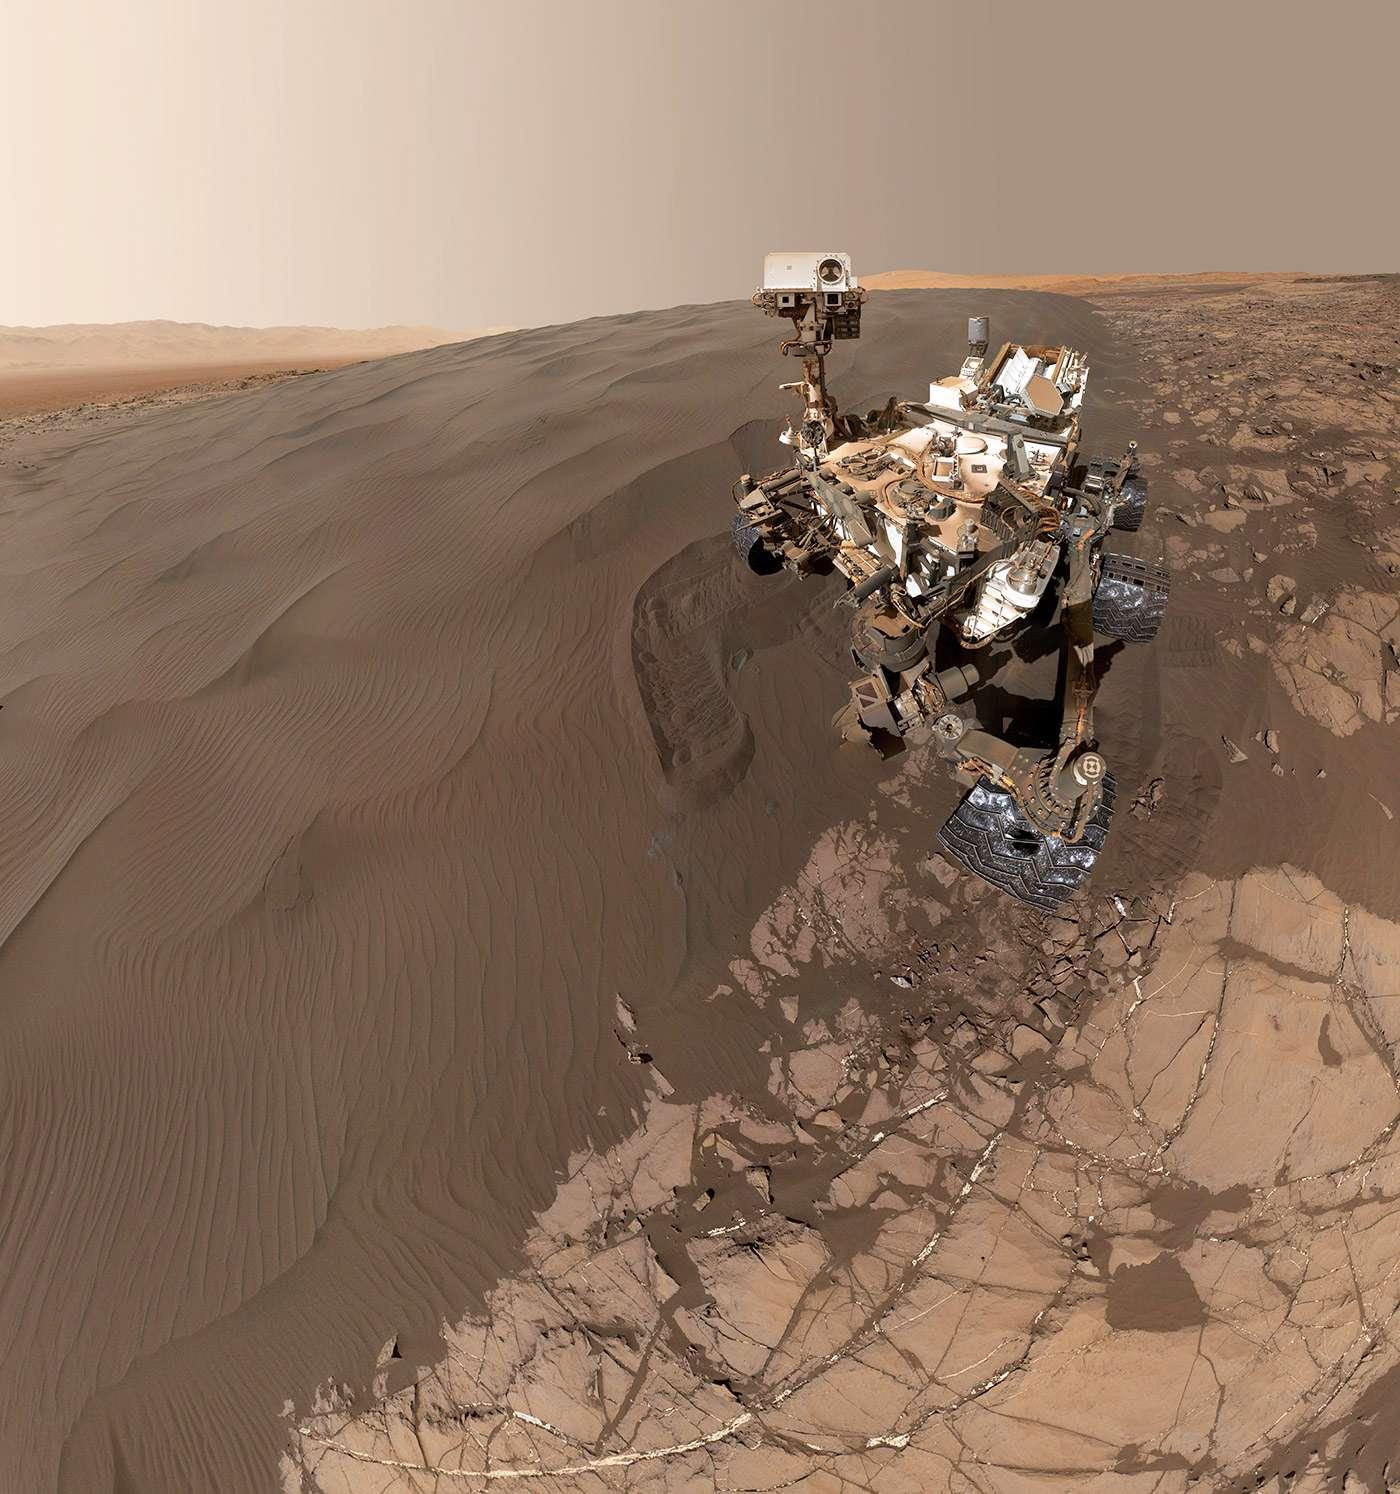 Mars'ın doğal güzelliğinin yanı sıra ne kadar boş olduğunu ve Dünya'ya kıyasla daha sessiz göründüğünü anlaşılabiliyor